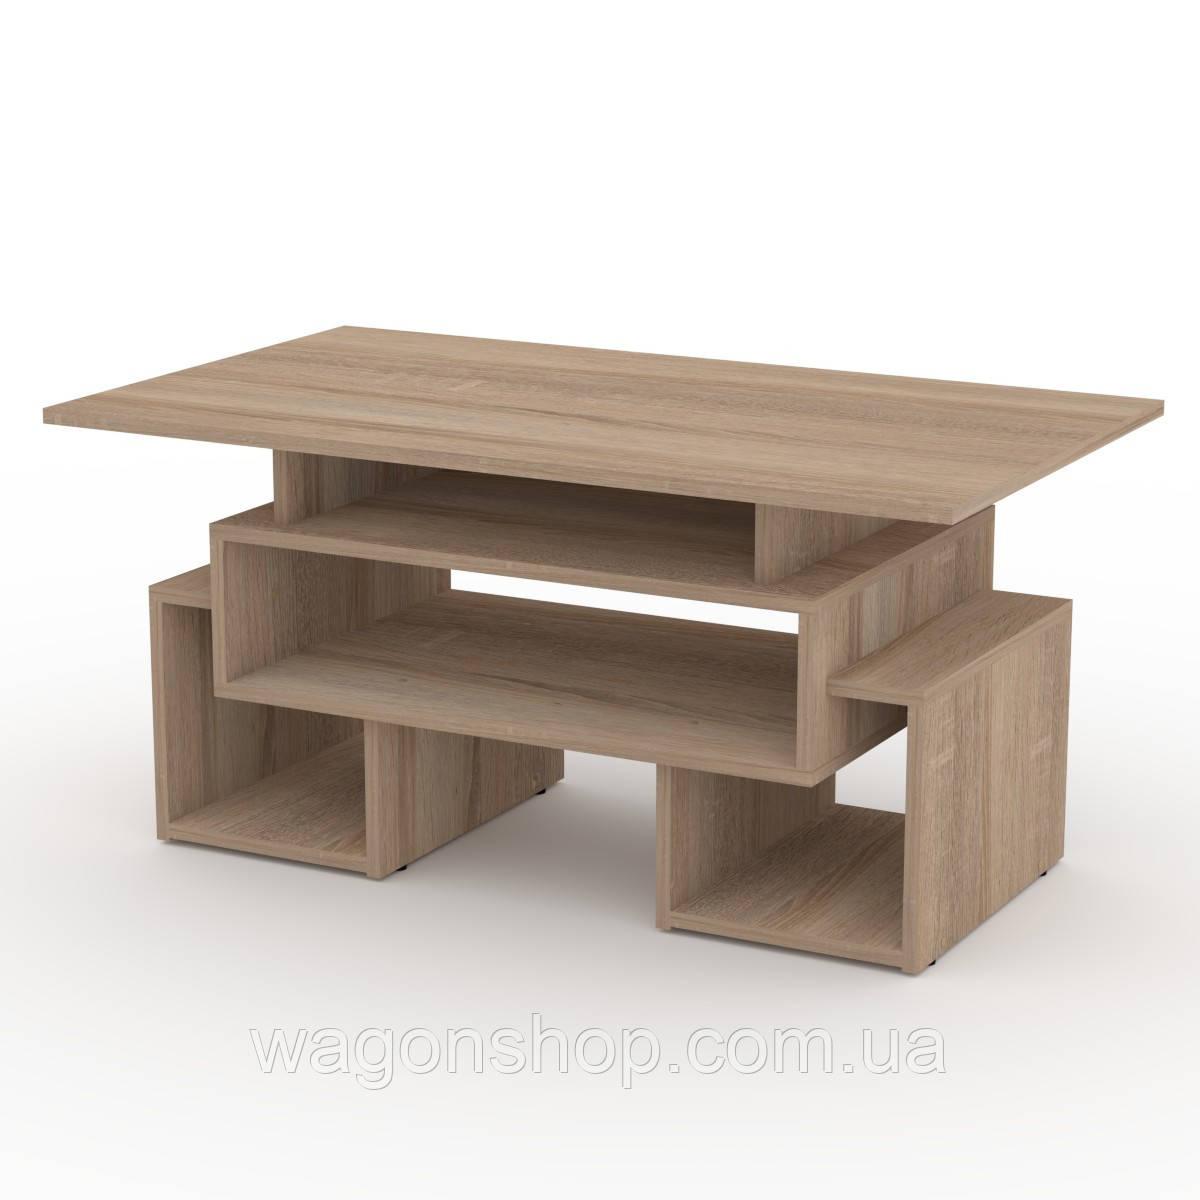 Журнальные столы Компанит Тандем